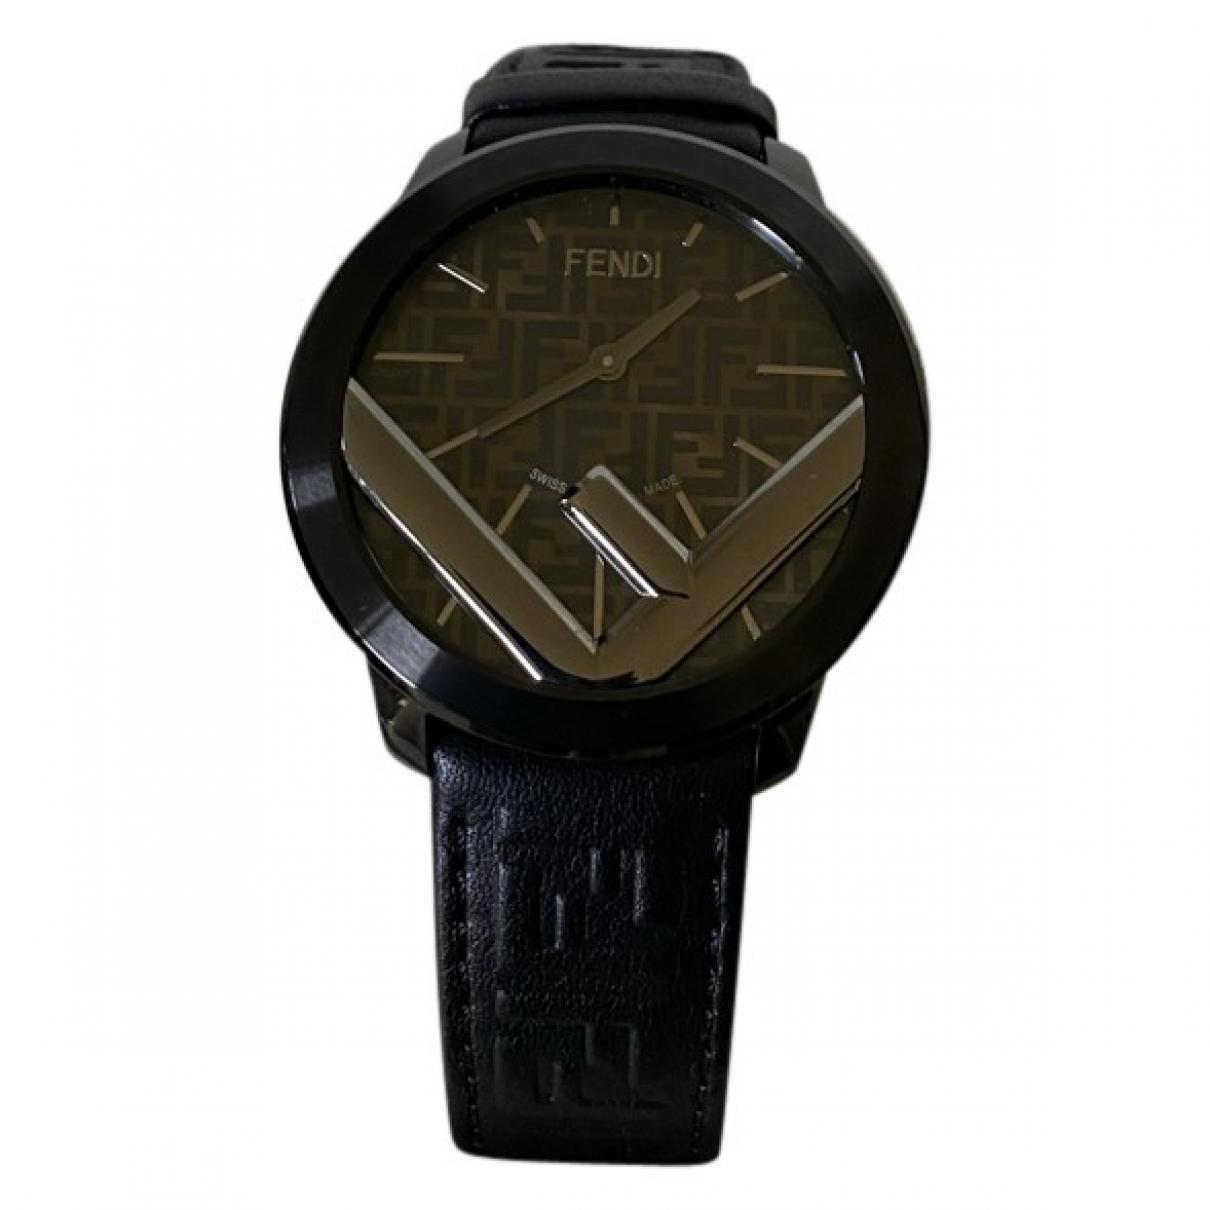 Fendi \N Black Steel watch for Men \N